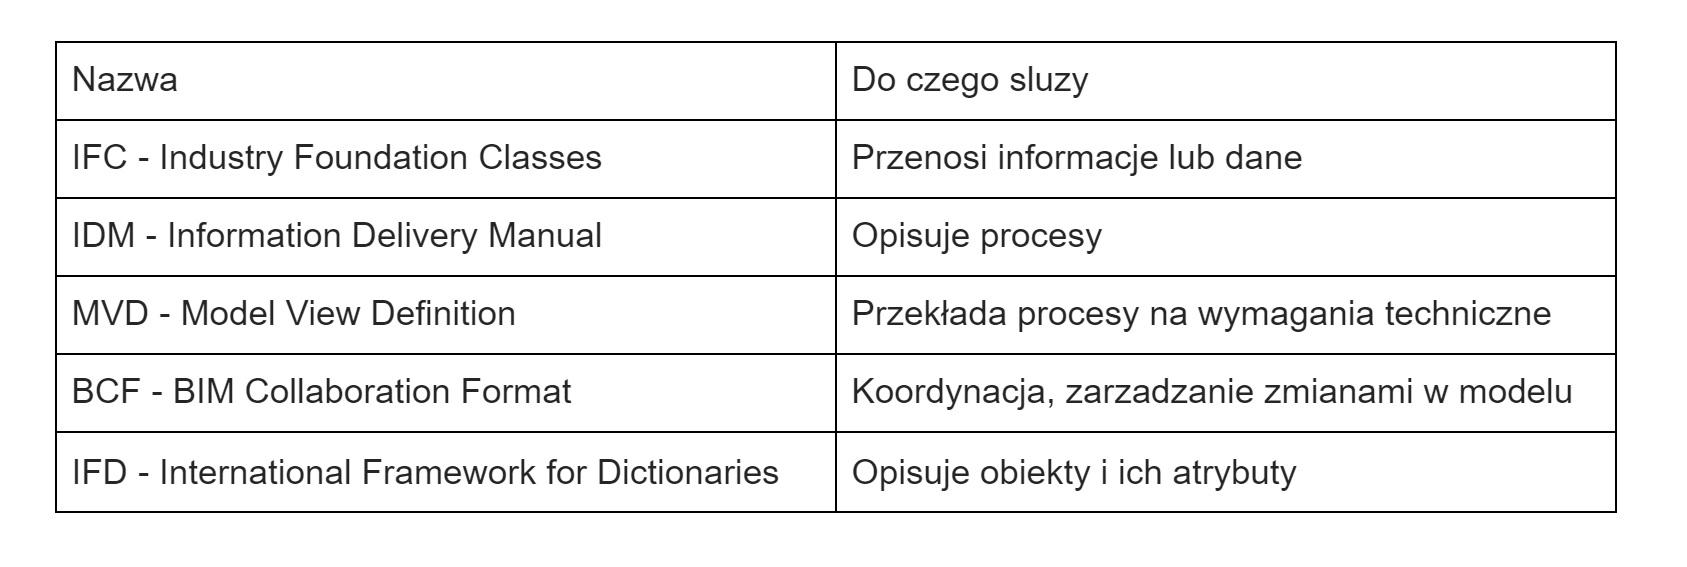 openBIM standardy